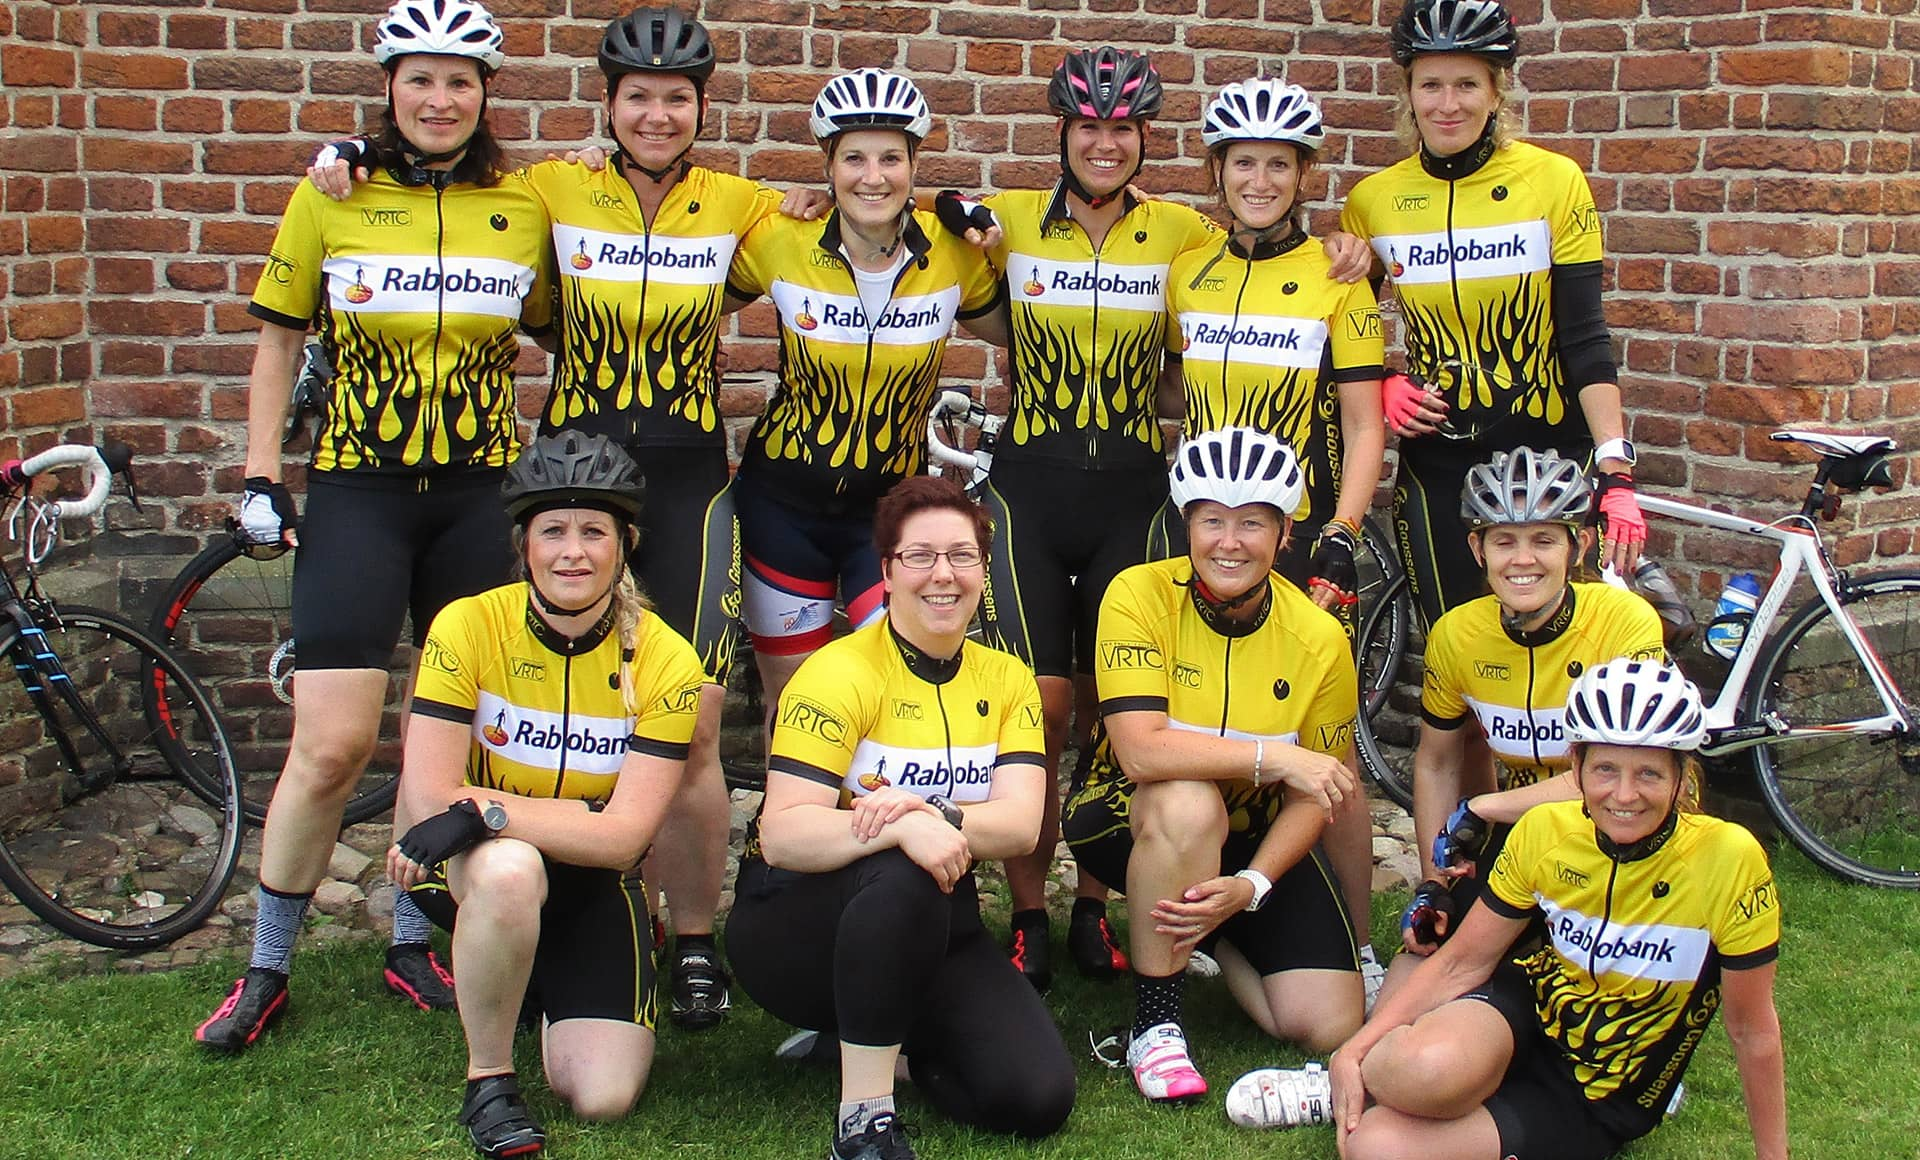 De damesgroep - VRTC de 8 Kastelenrijders